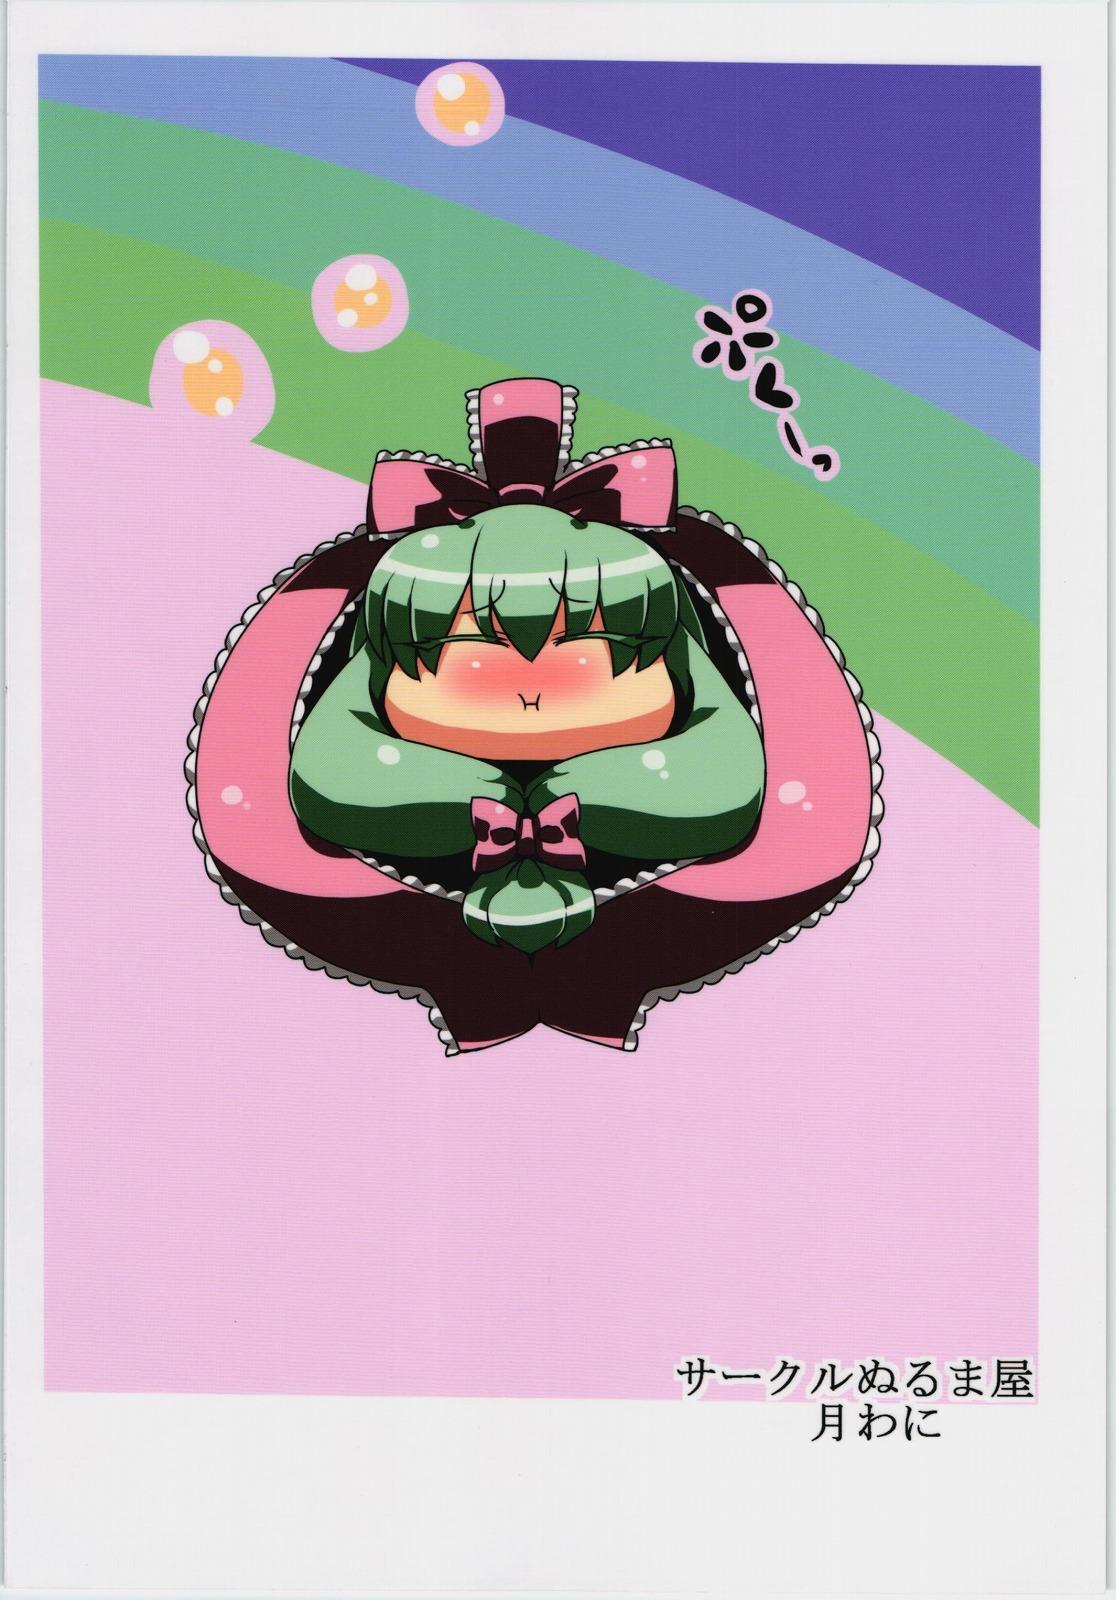 Letty-san Yume Mousou 1